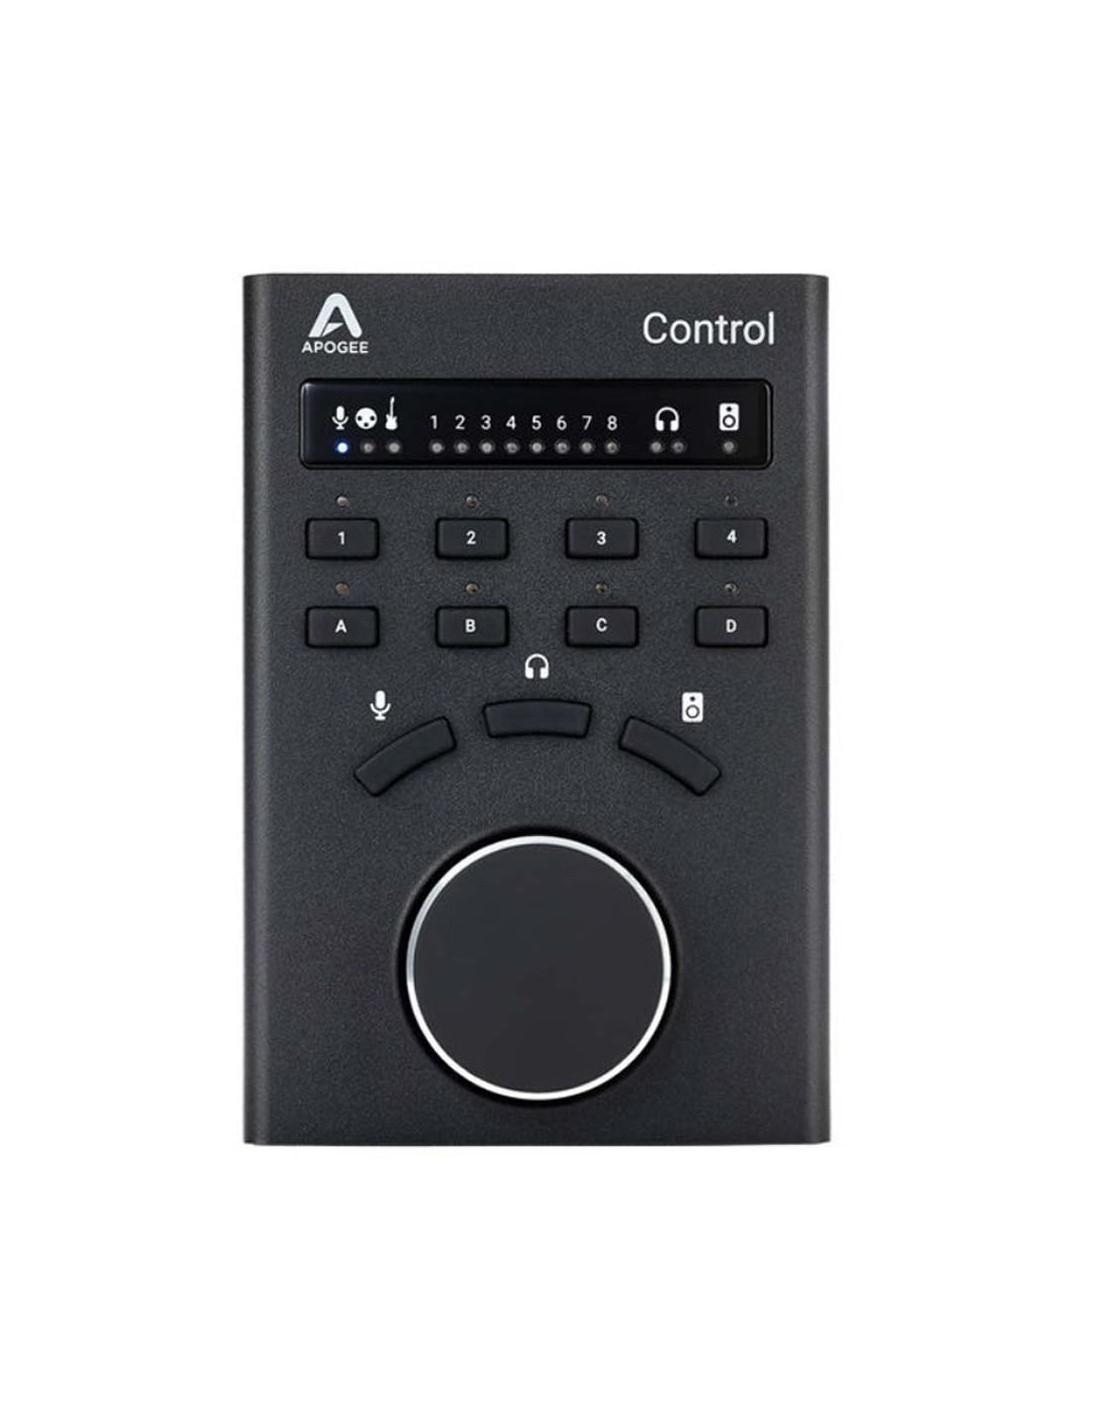 apogee-control